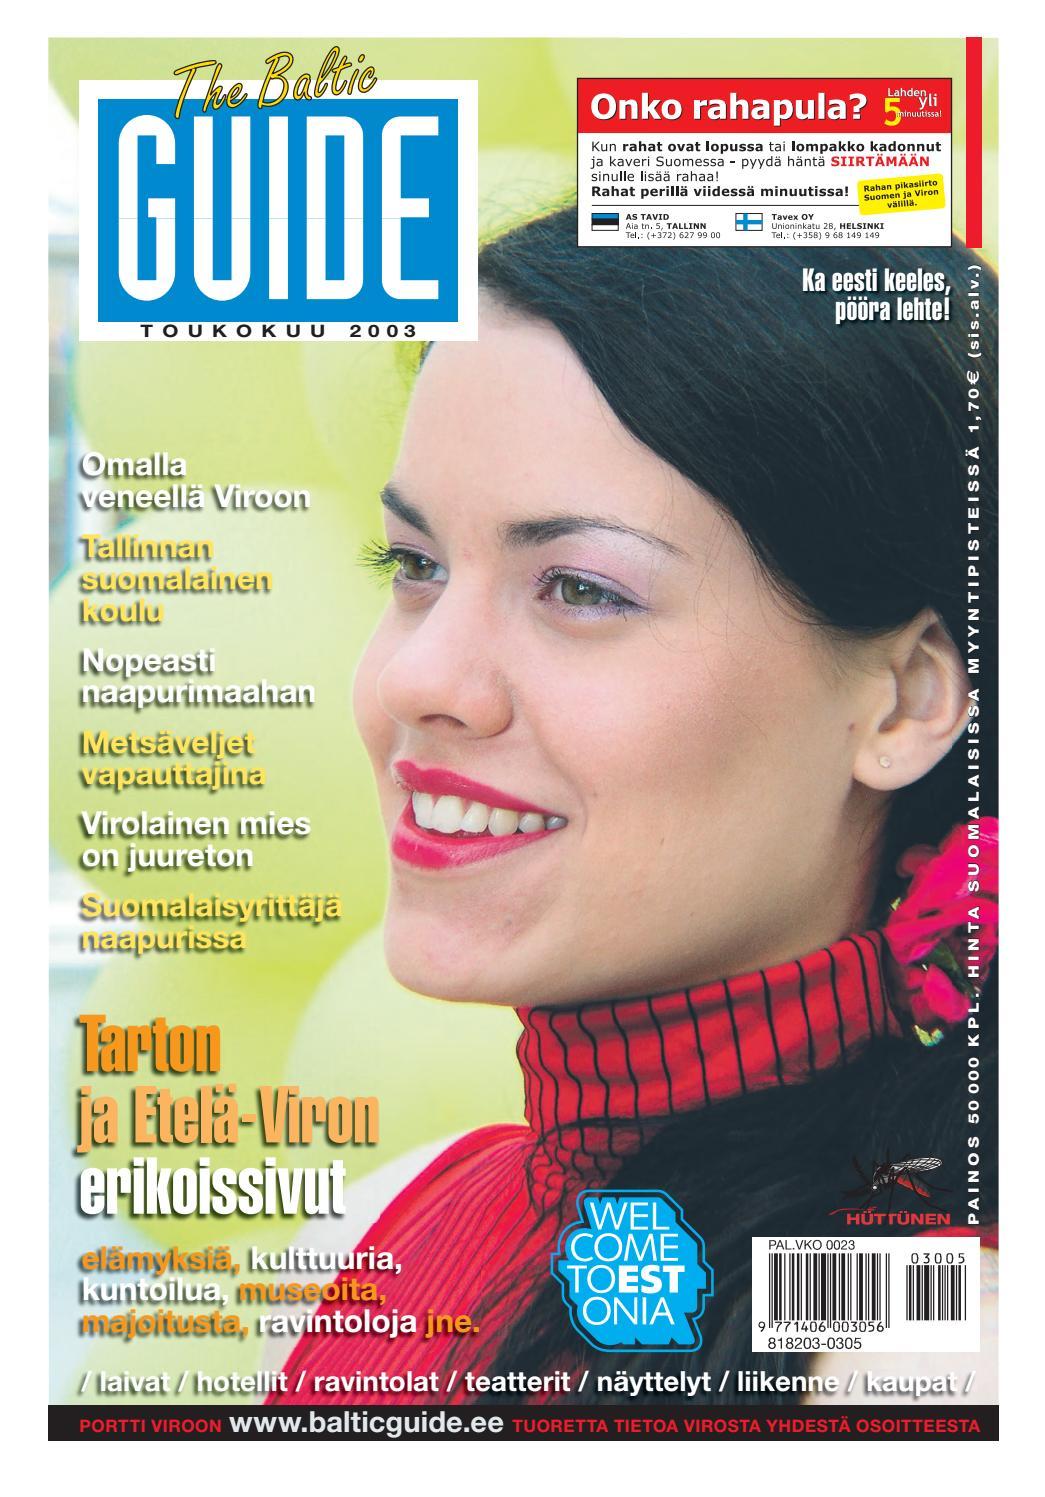 eesti naiset etsii miestä uppsala